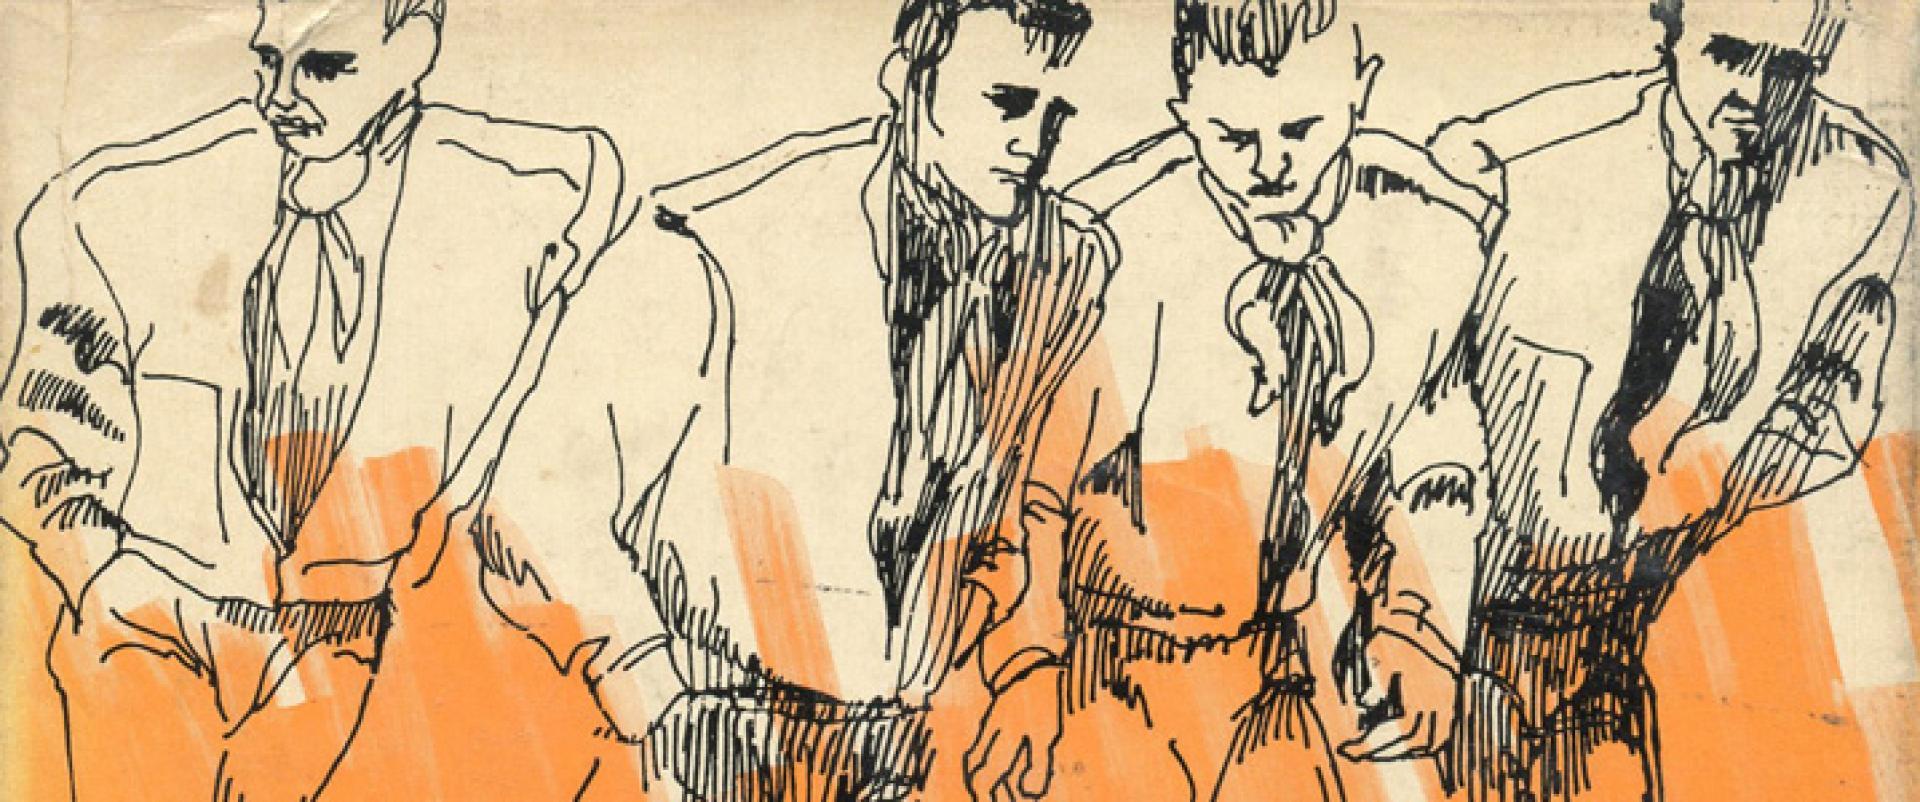 Anthony Burgess: A Clockwork Orange - Gépnarancs (1962)